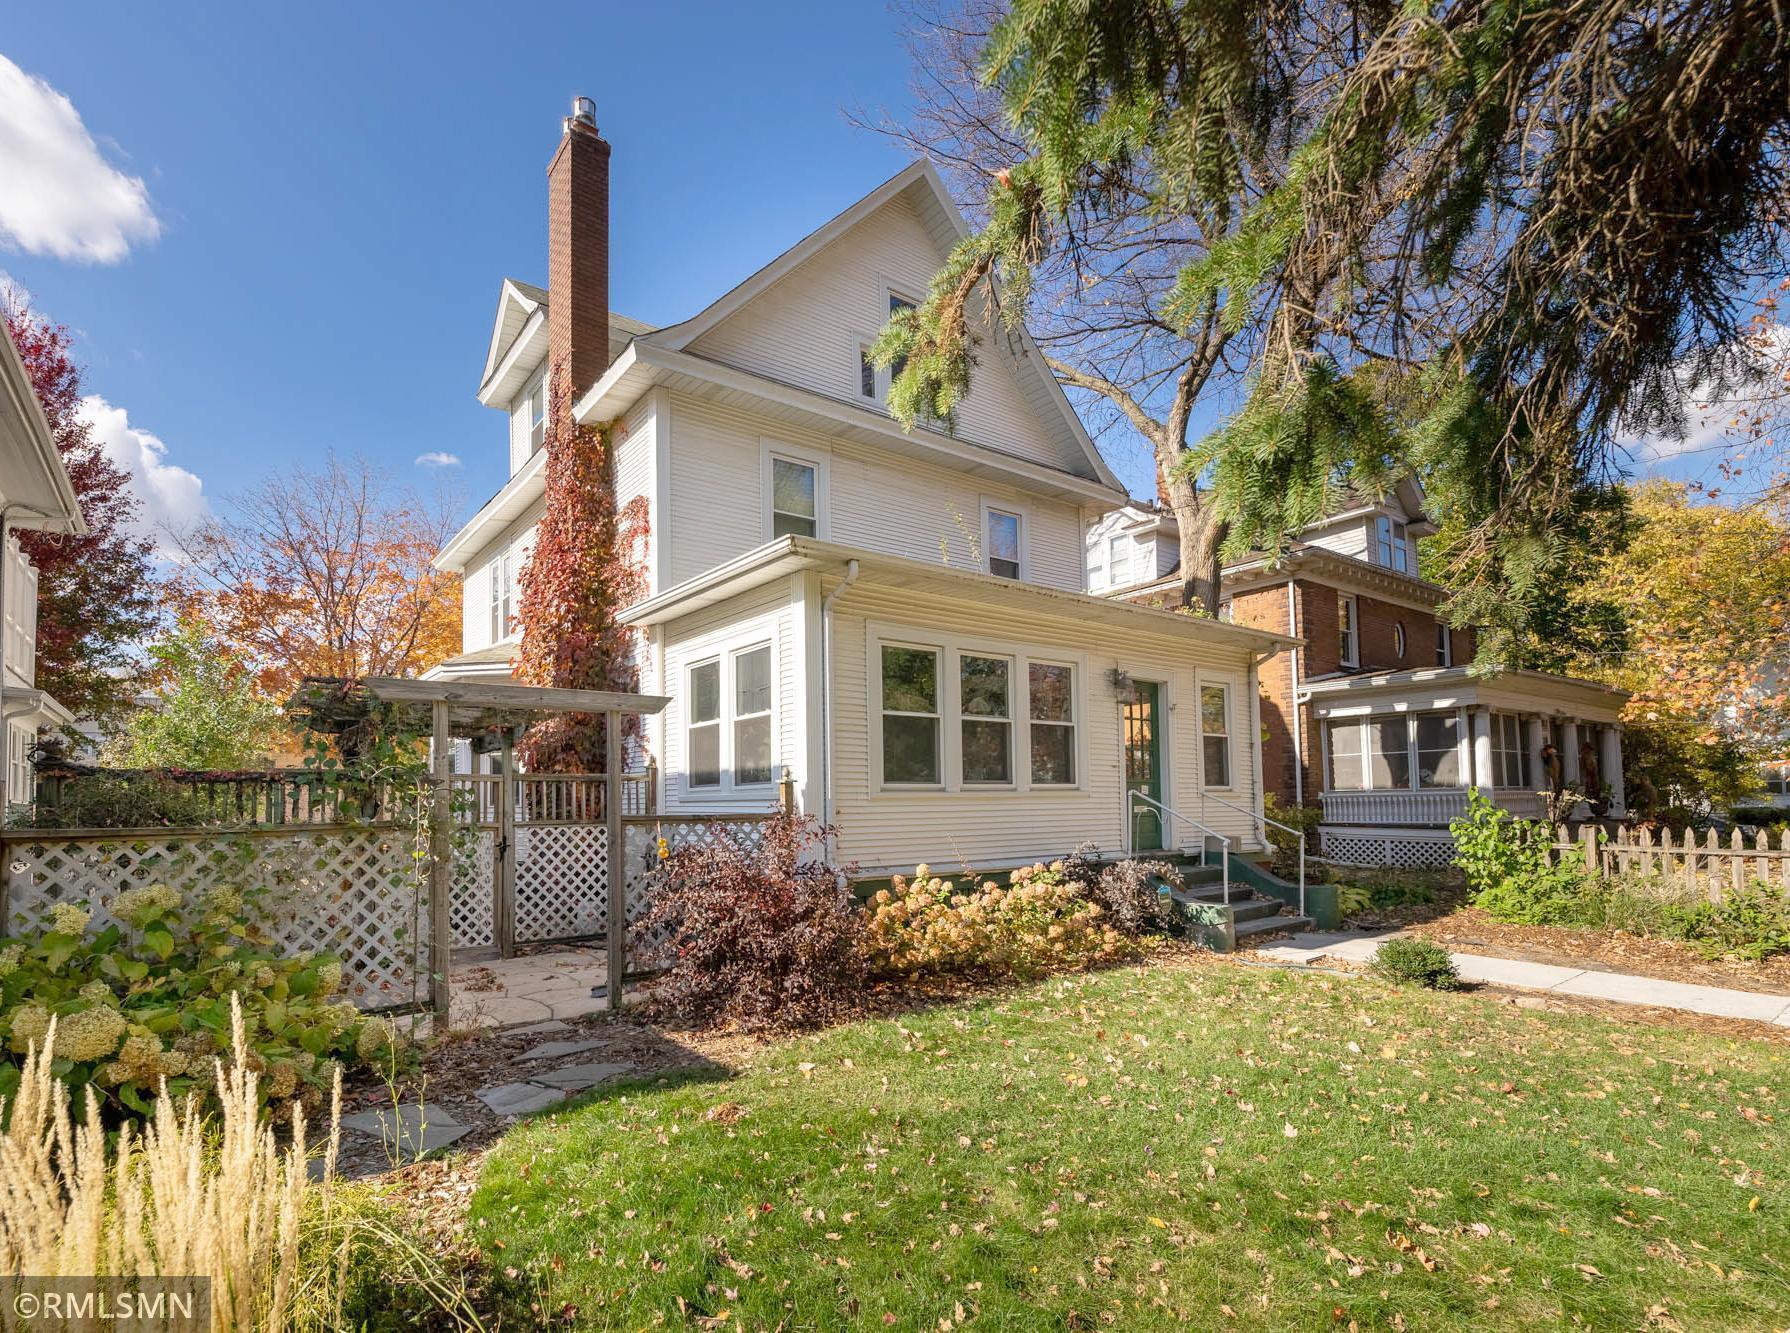 3708 Pillsbury Avenue S Property Photo - Minneapolis, MN real estate listing